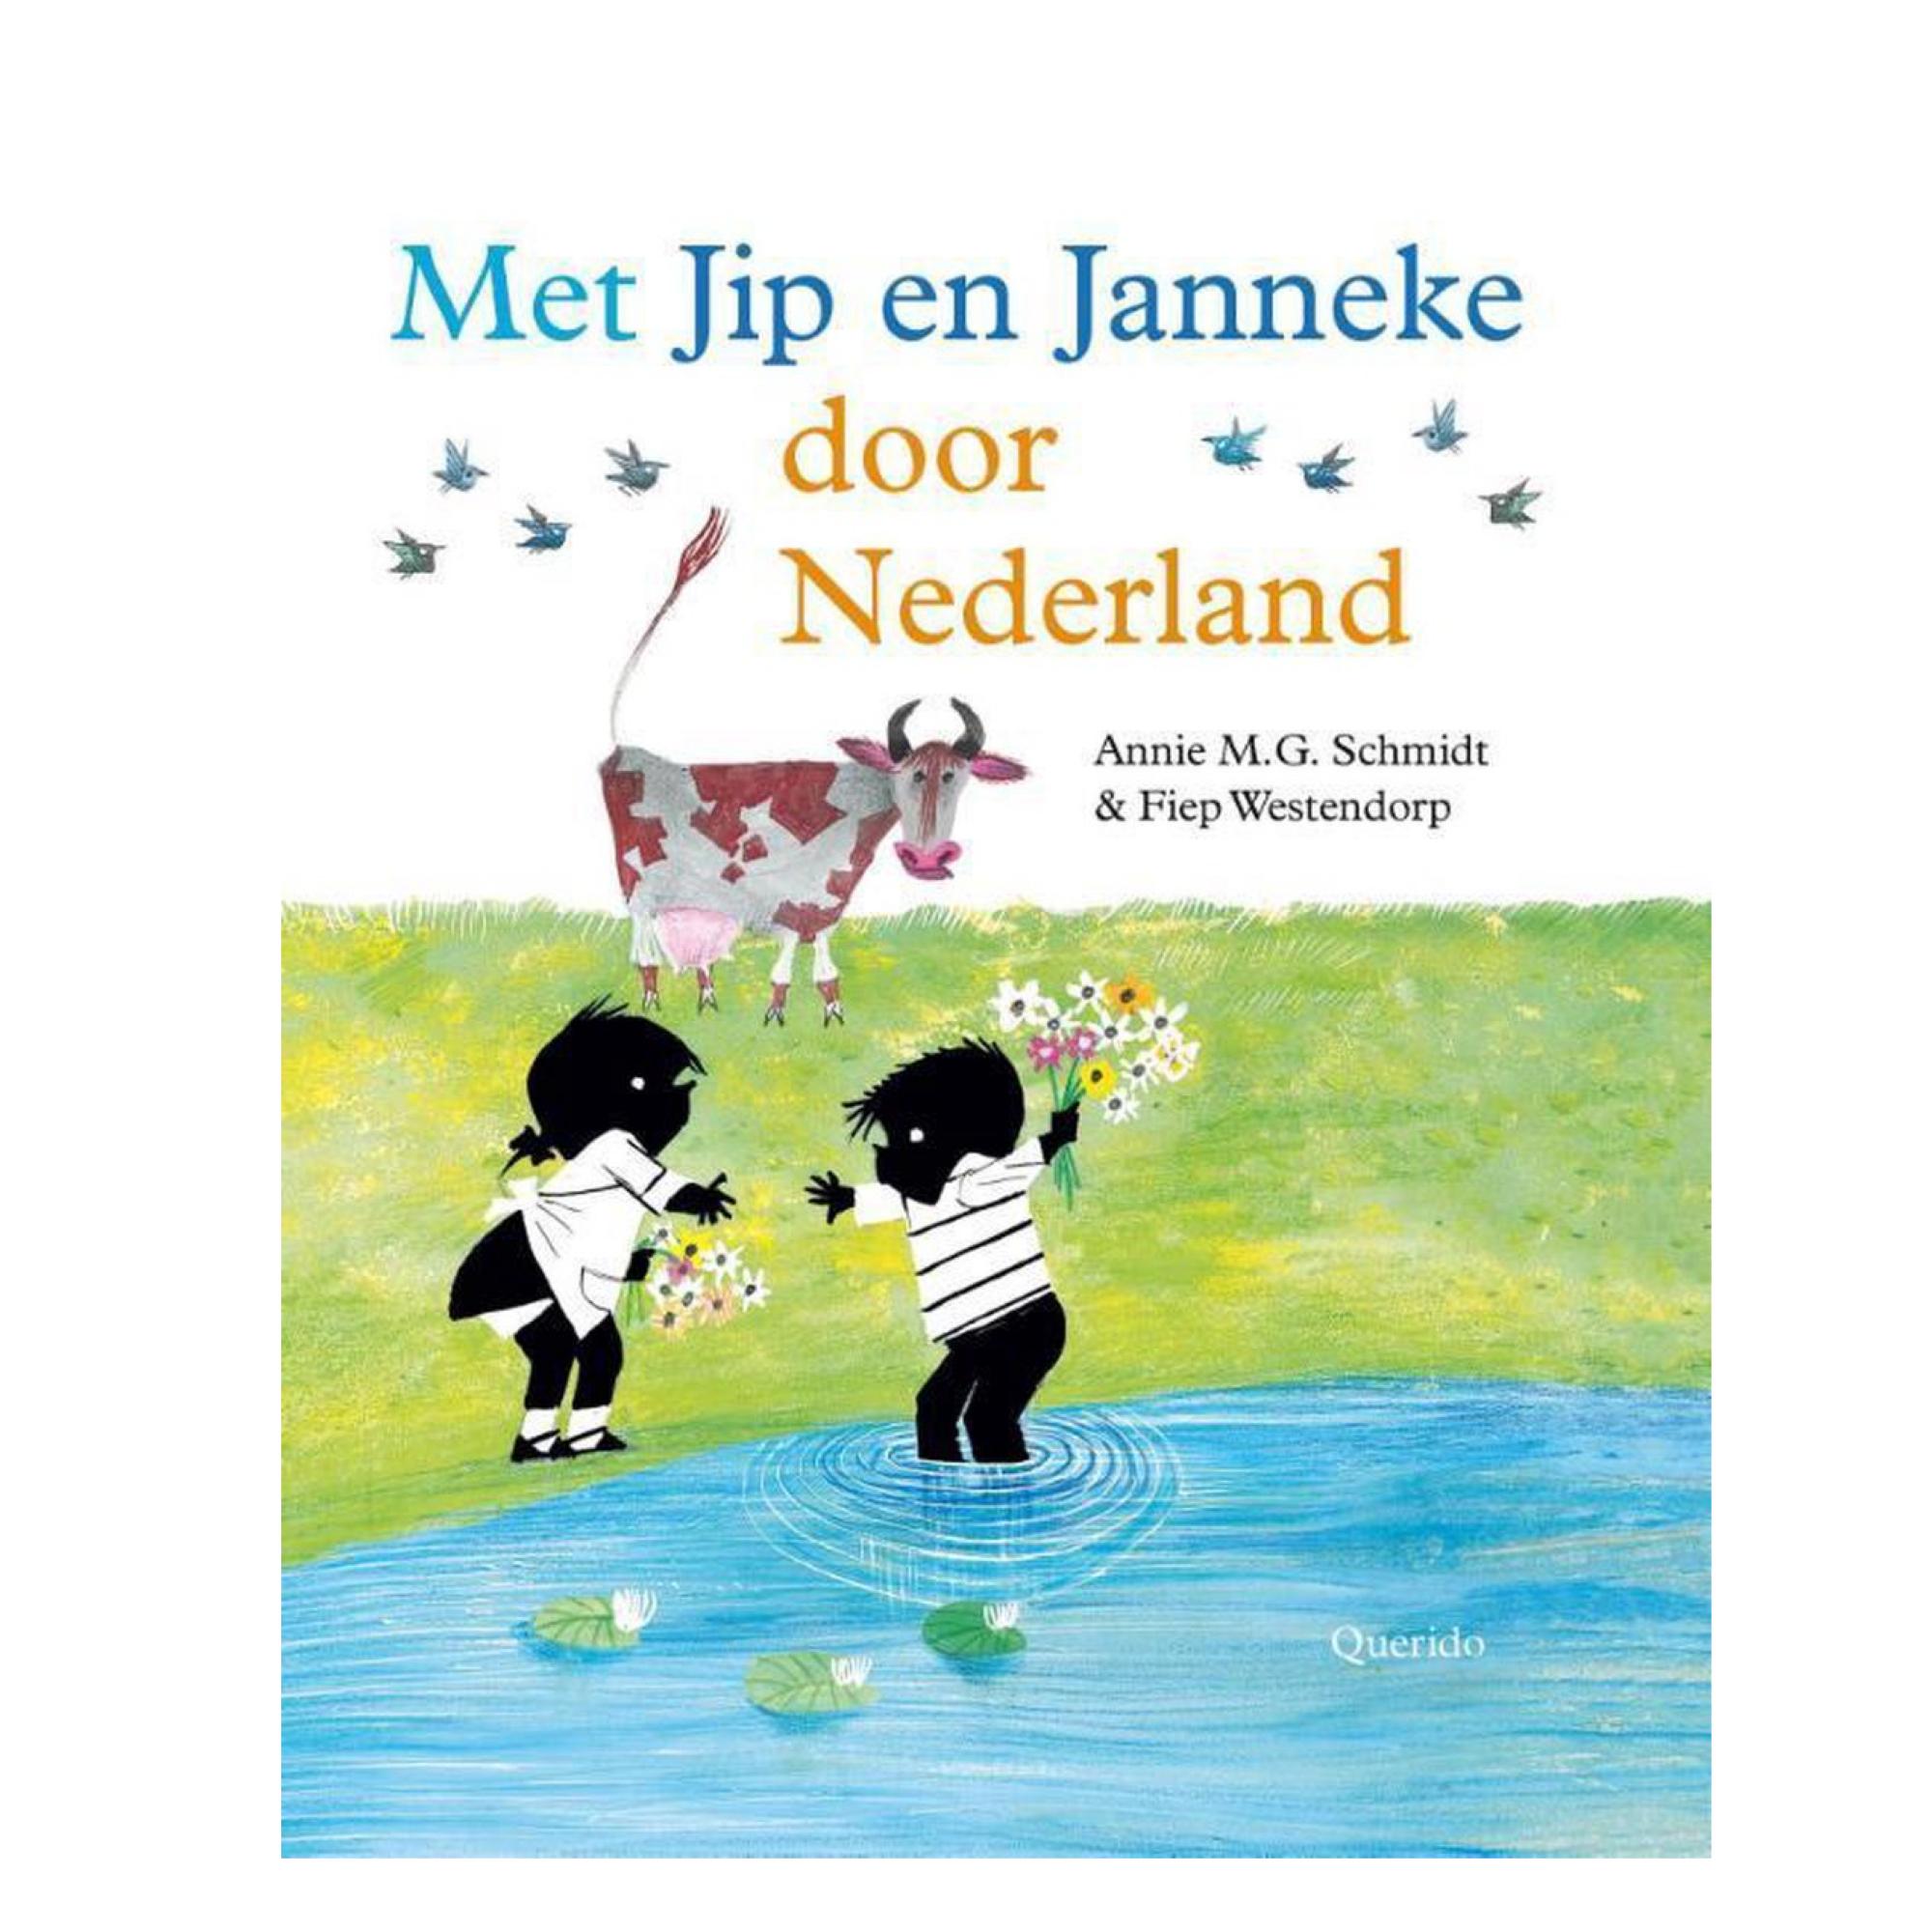 Querido Boek - Met Jip en Janneke door Nederland